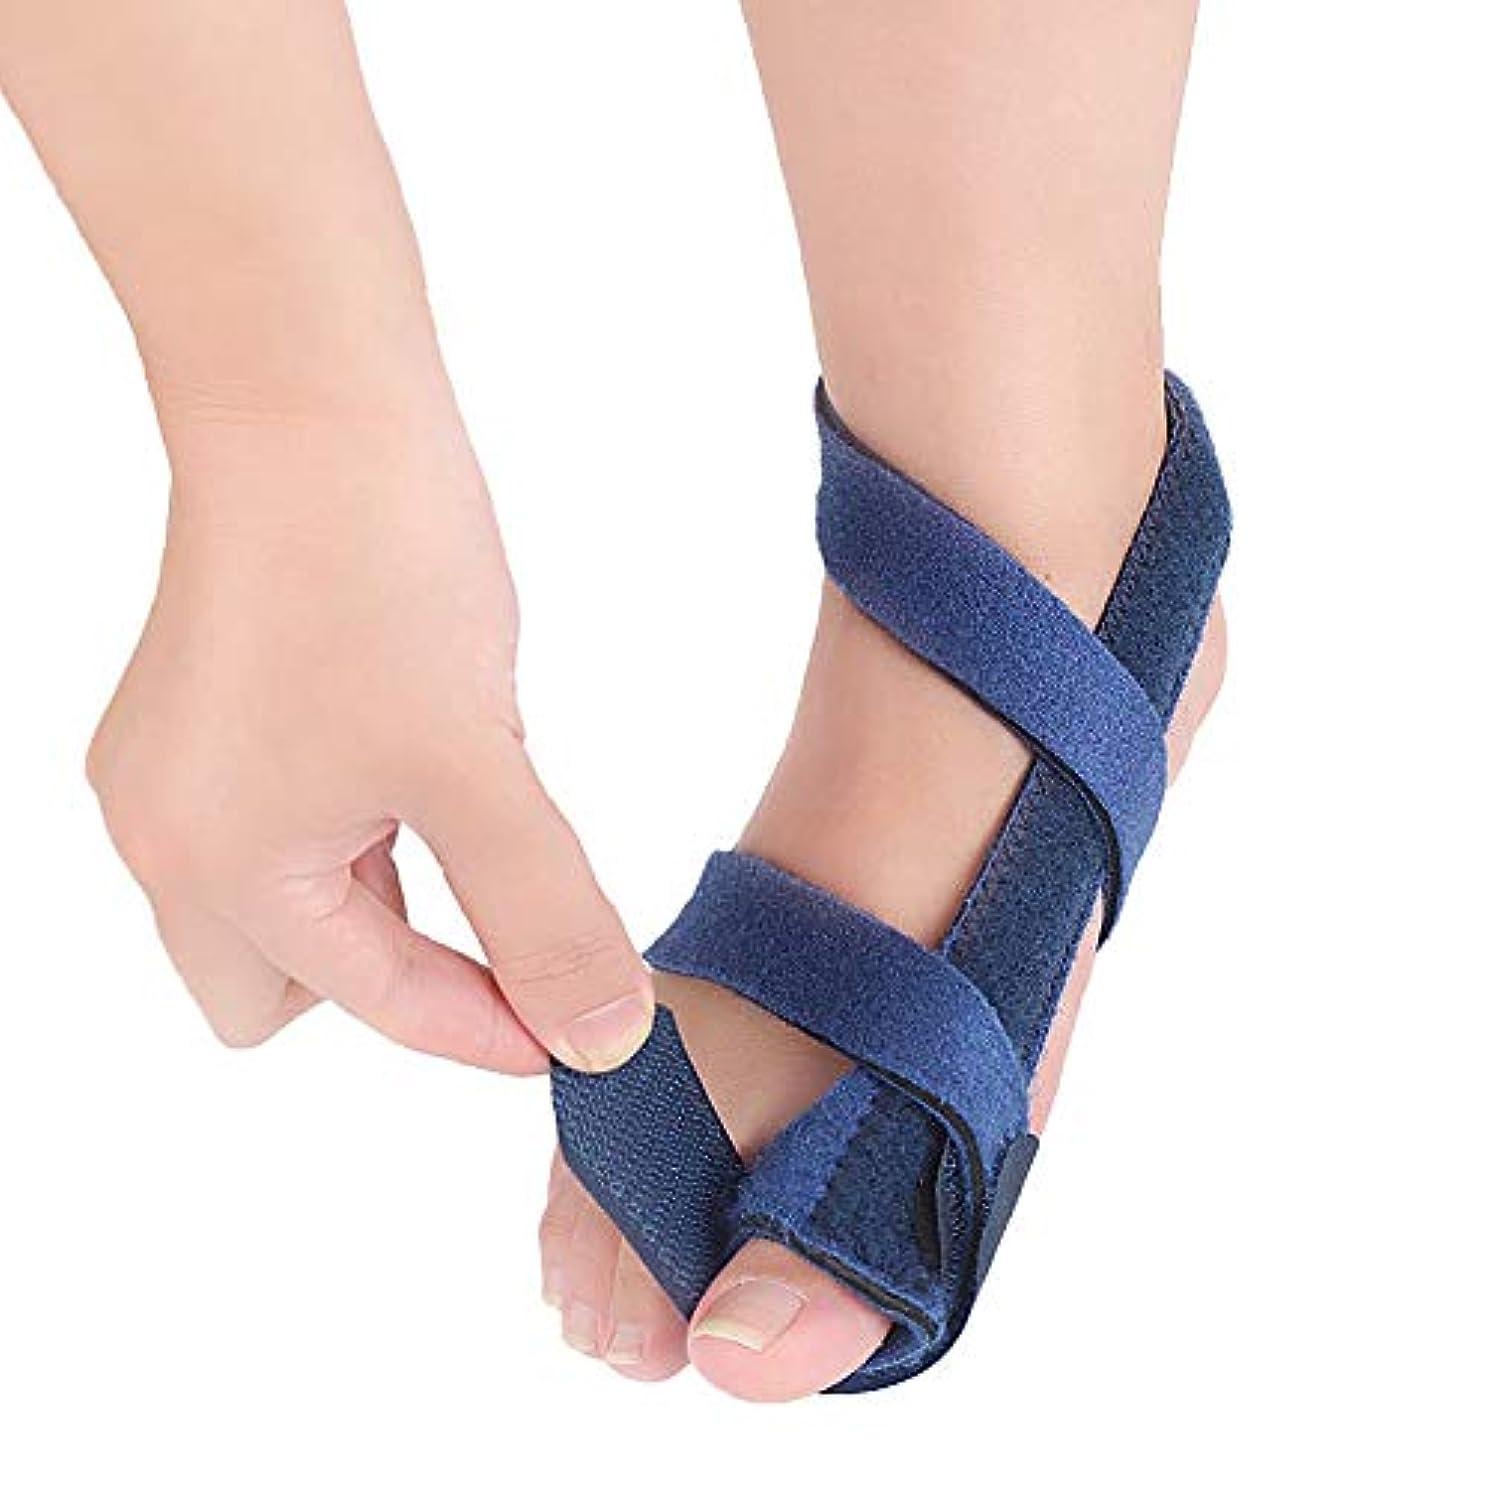 スタウト縫い目怖い外反母趾足指セパレーターは足指重複嚢胞通気性吸収汗ワンサイズを防止し、ヨガ後の痛みと変形を軽減